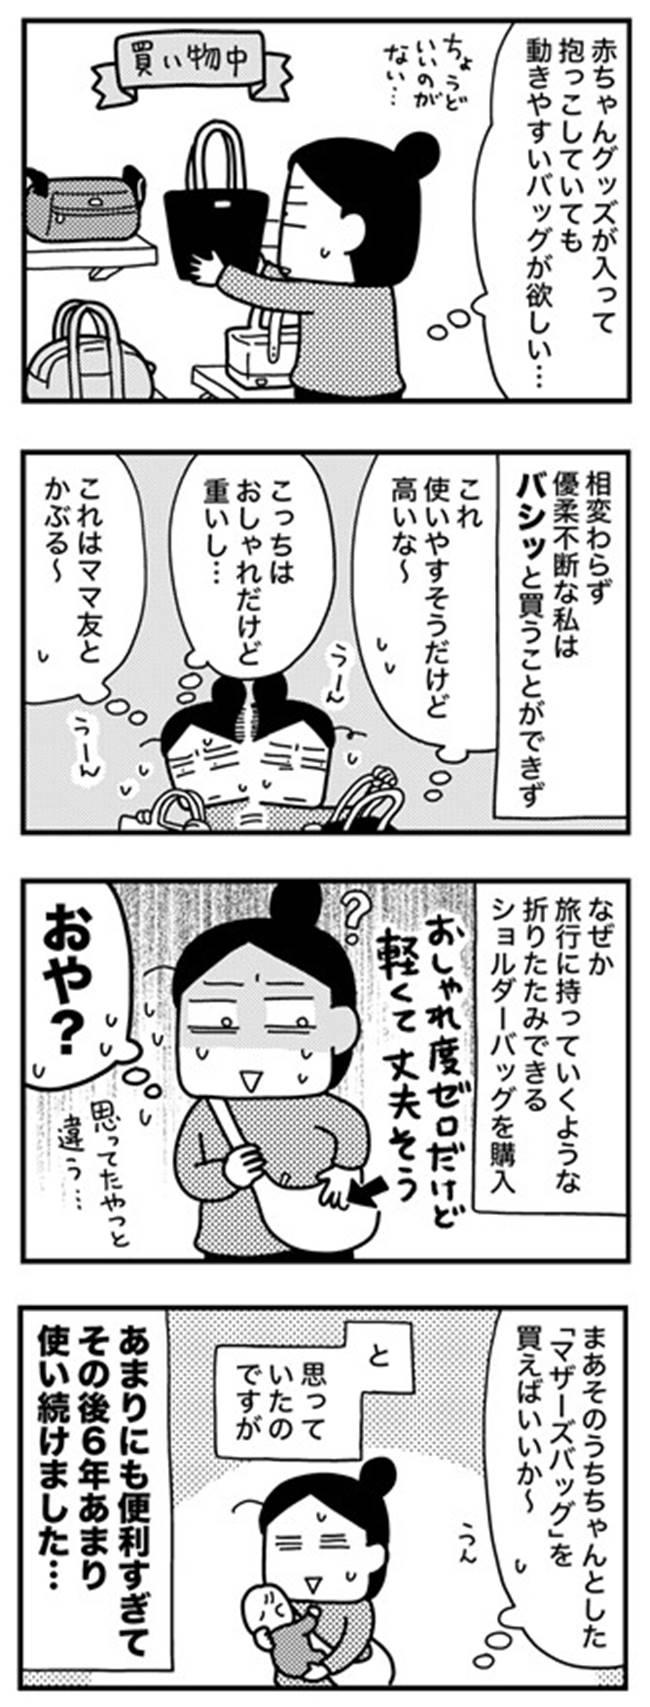 和田さん119話